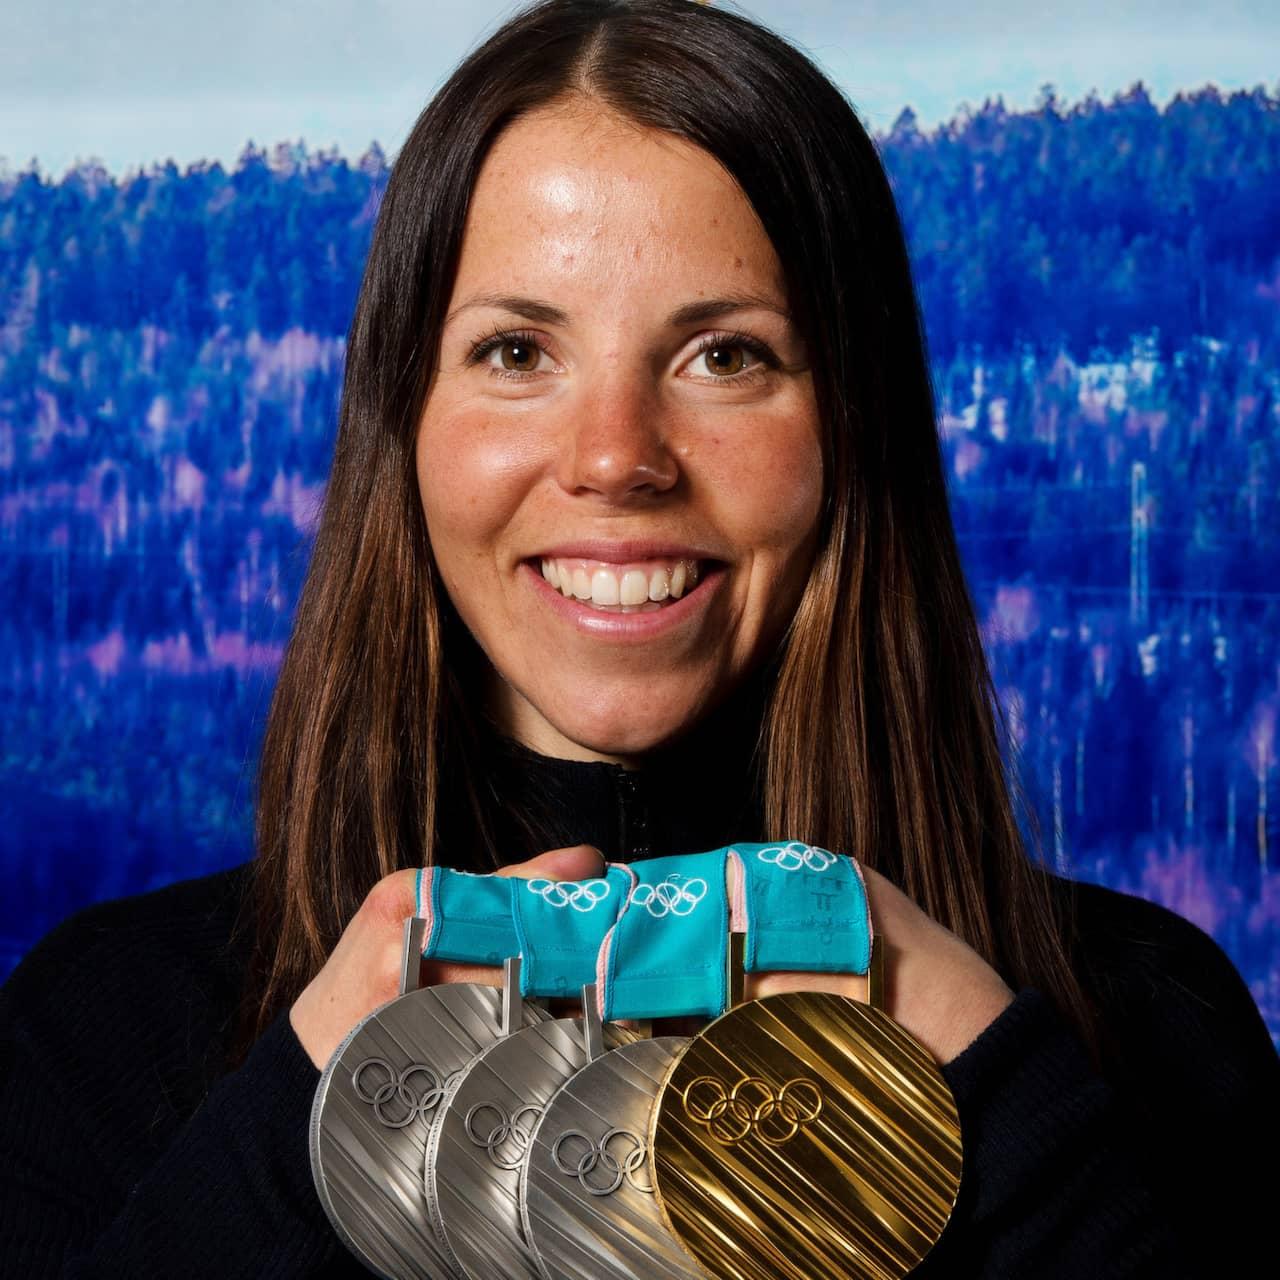 4. Charlotte Kalla